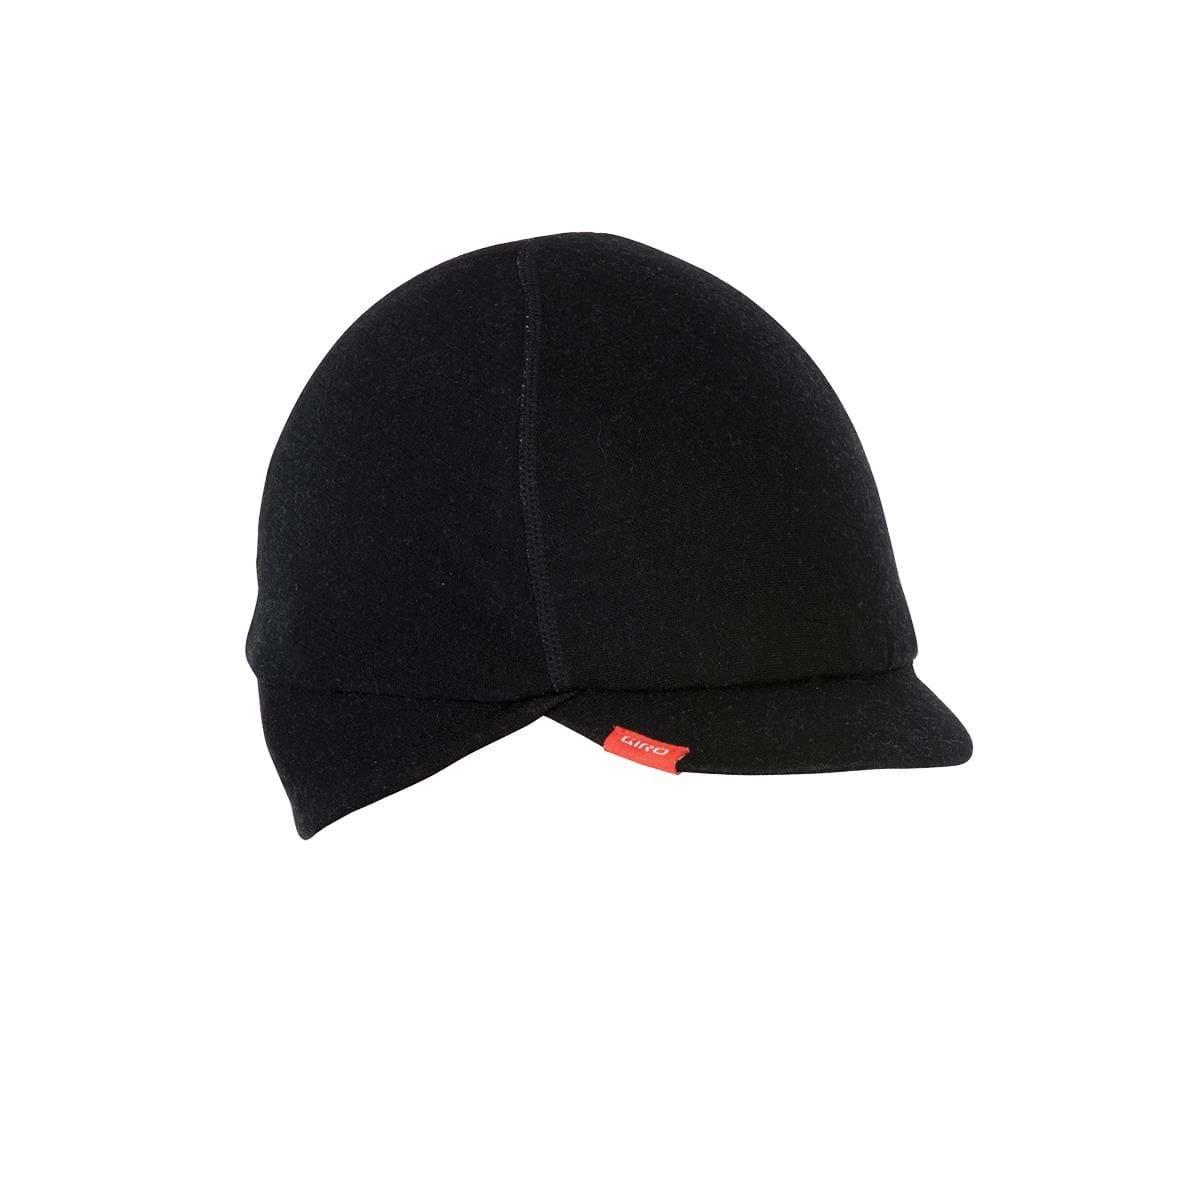 Merino Wool Under Helmet Cycling Cap